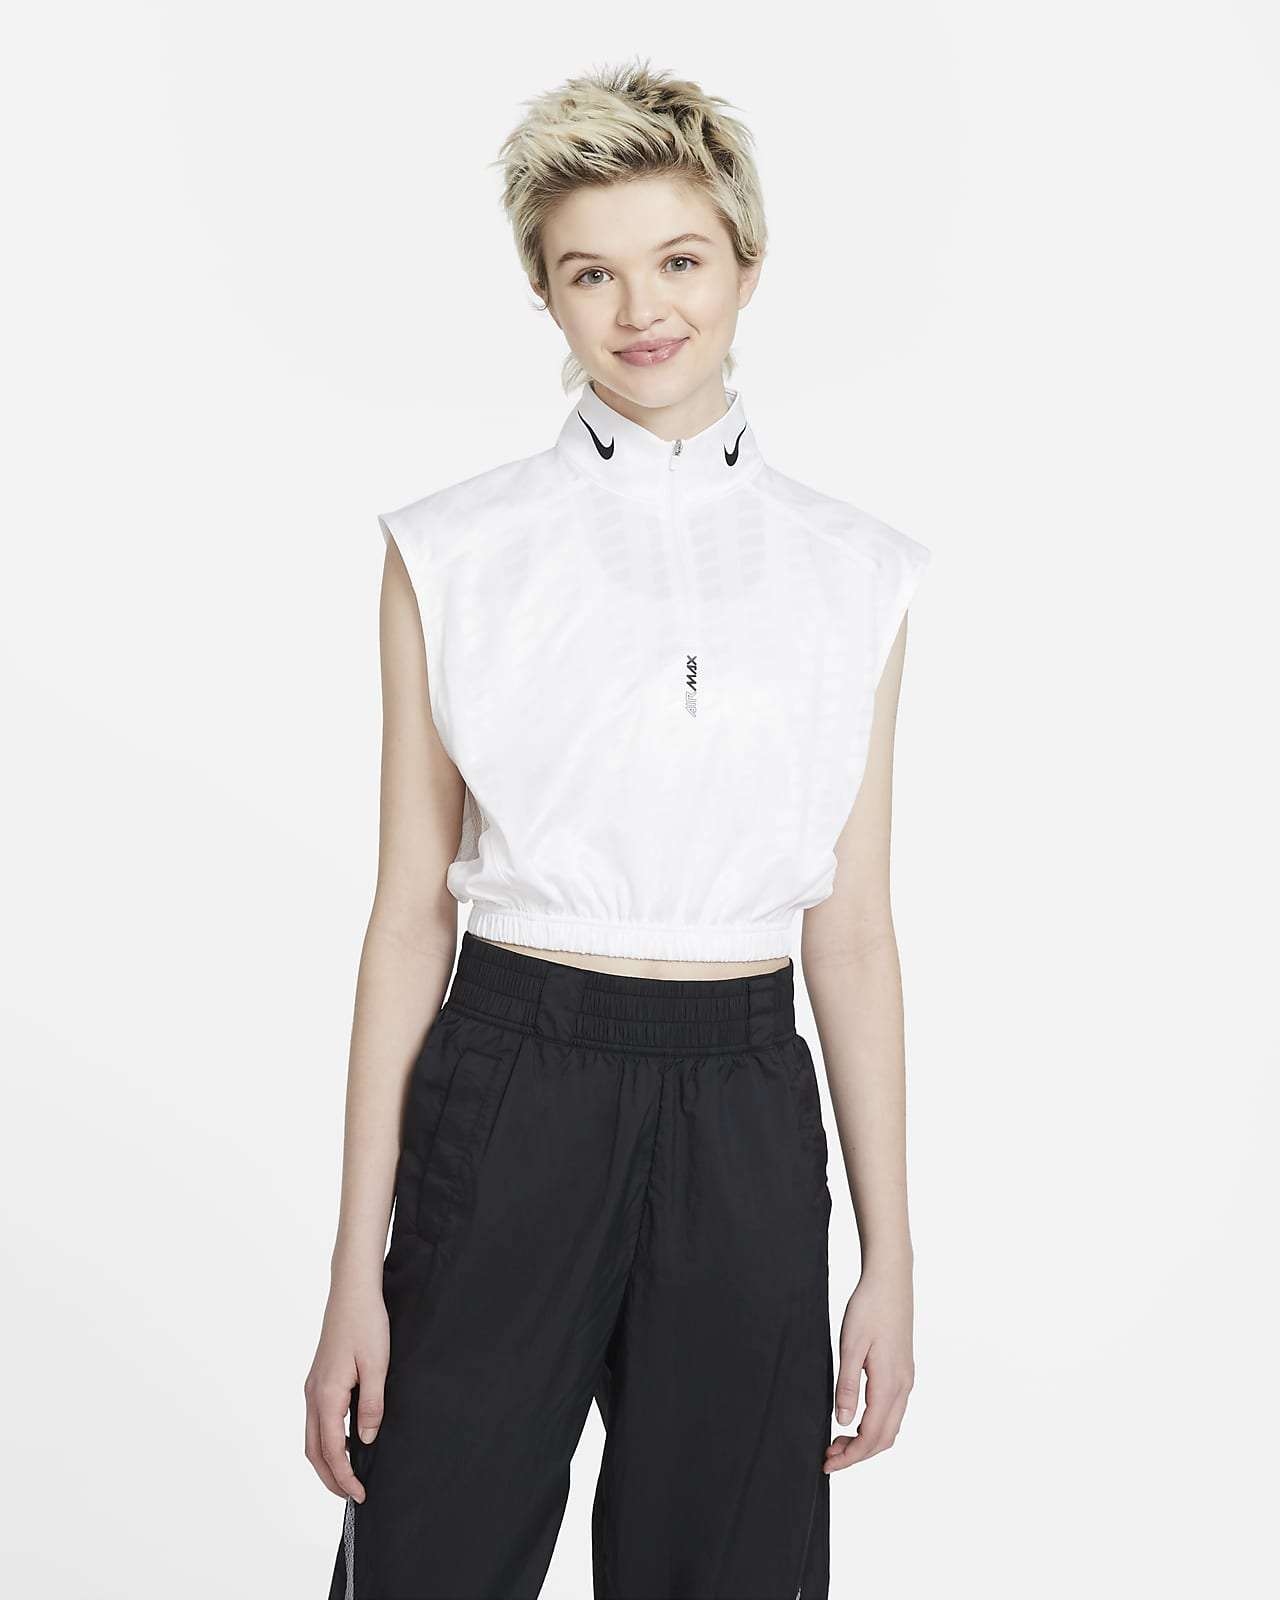 Nike Sportswear Women's 1/2-Zip Sleeveless Top